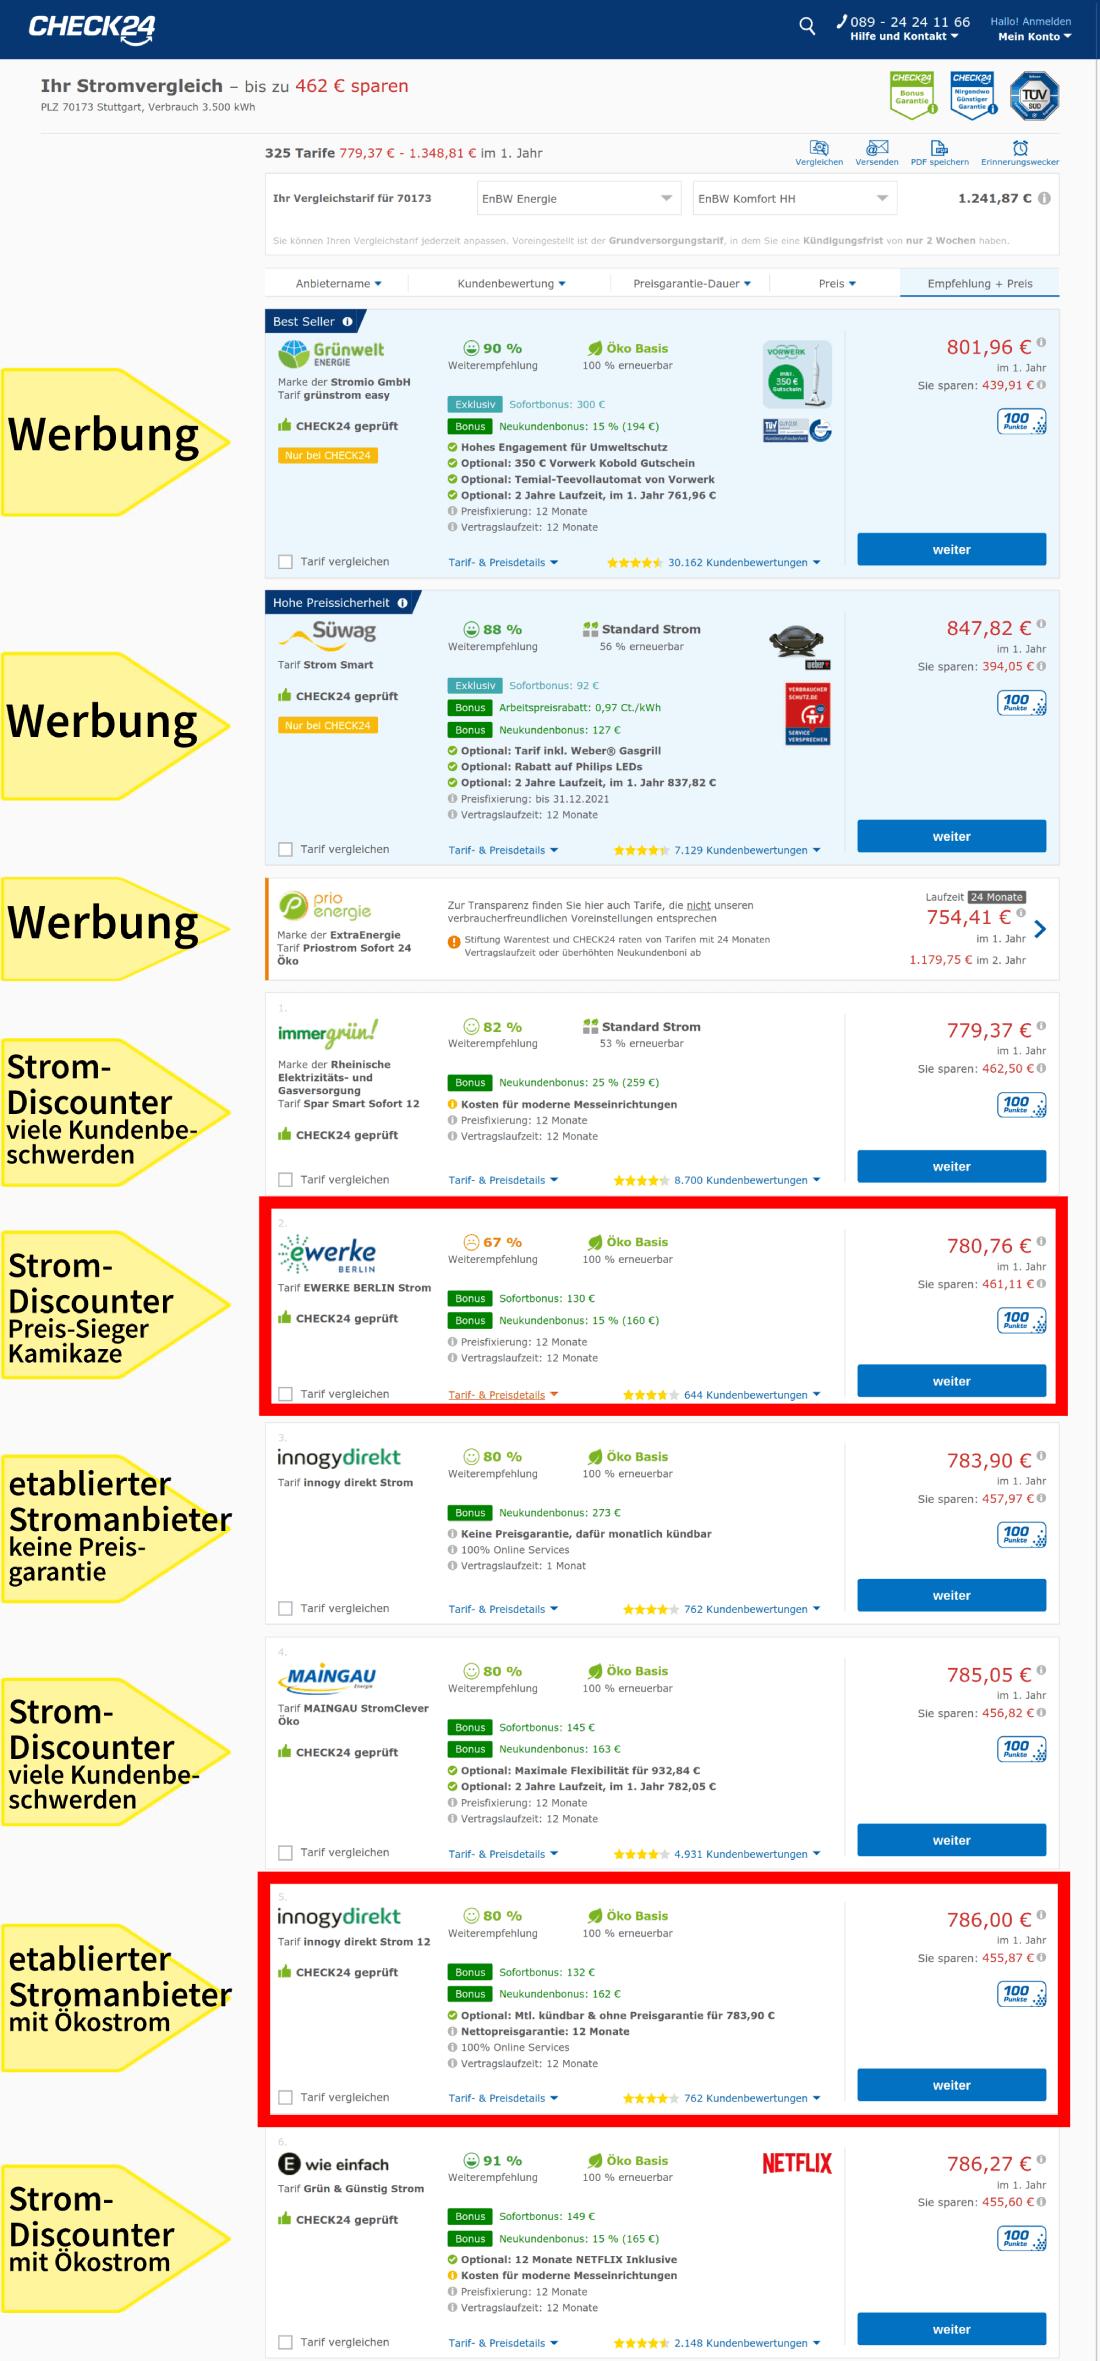 Die Ergebnisse im Vergleichsportal Check24 für unseren Strompreisvergleich in Stuttgart